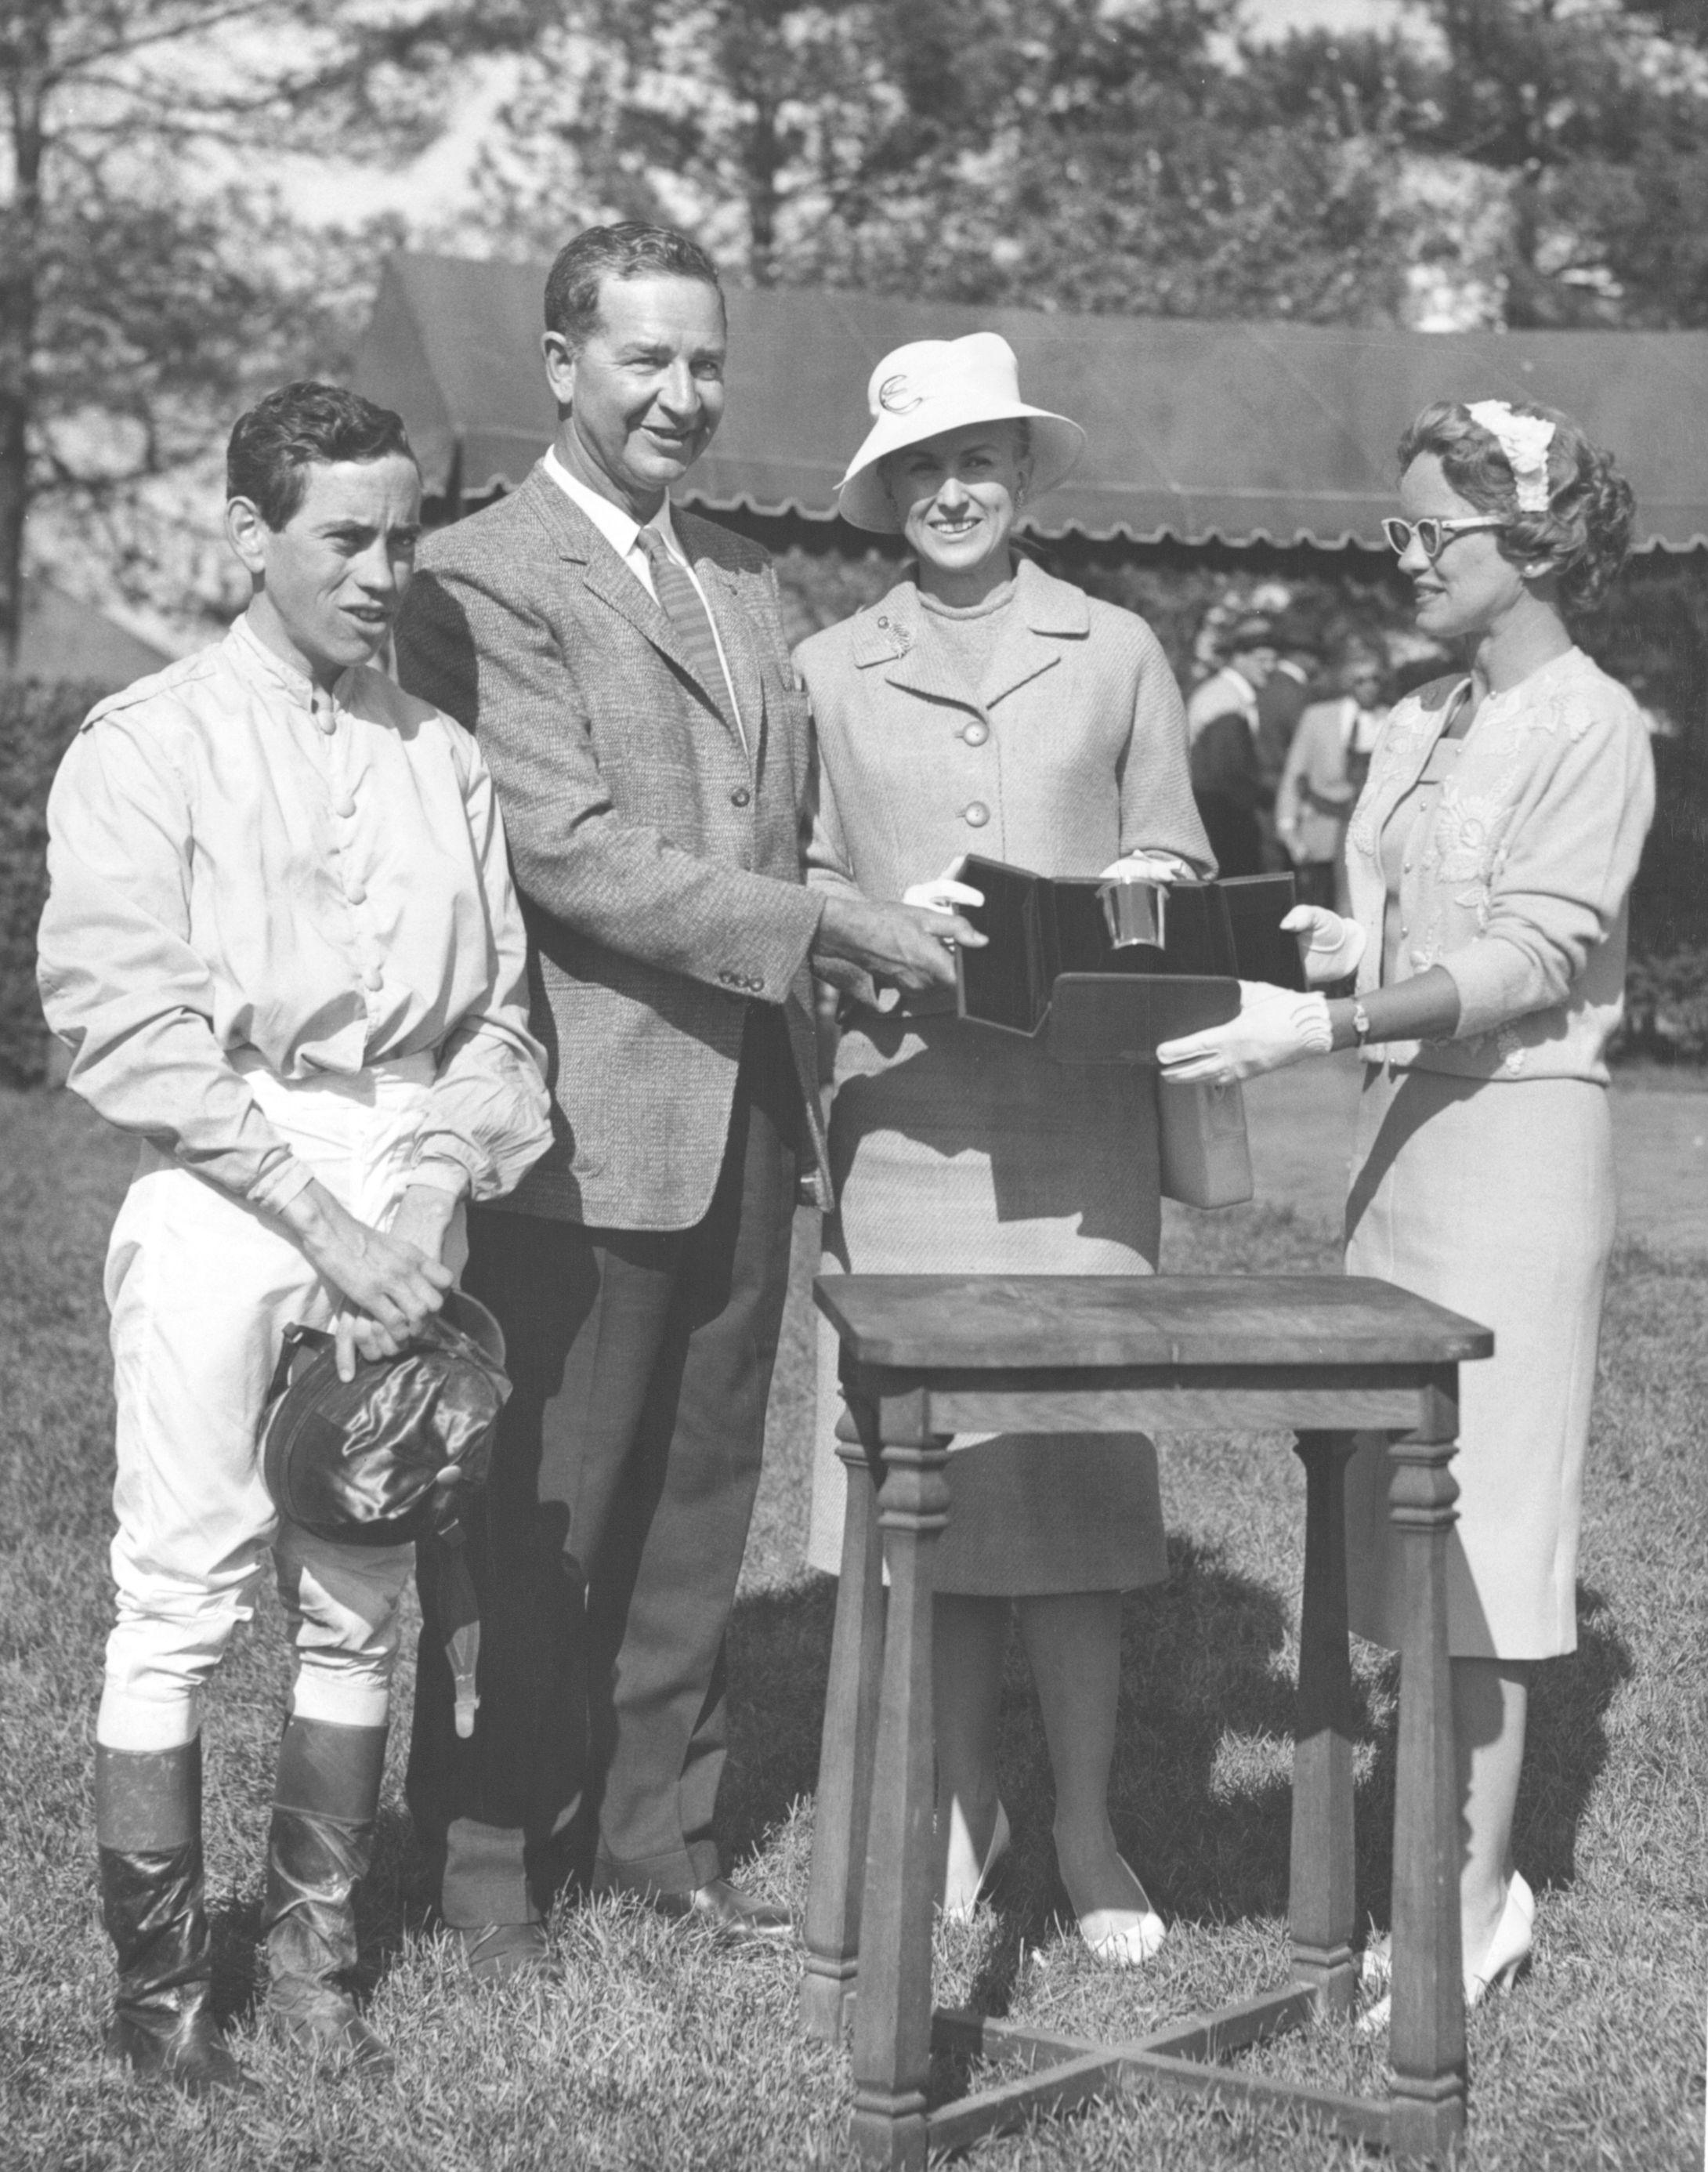 From left, John Rotz, C. V. Whitney, Marylou Whitney, and Mrs. Len Shouse III at Keeneland, 1960 (Keeneland Library)